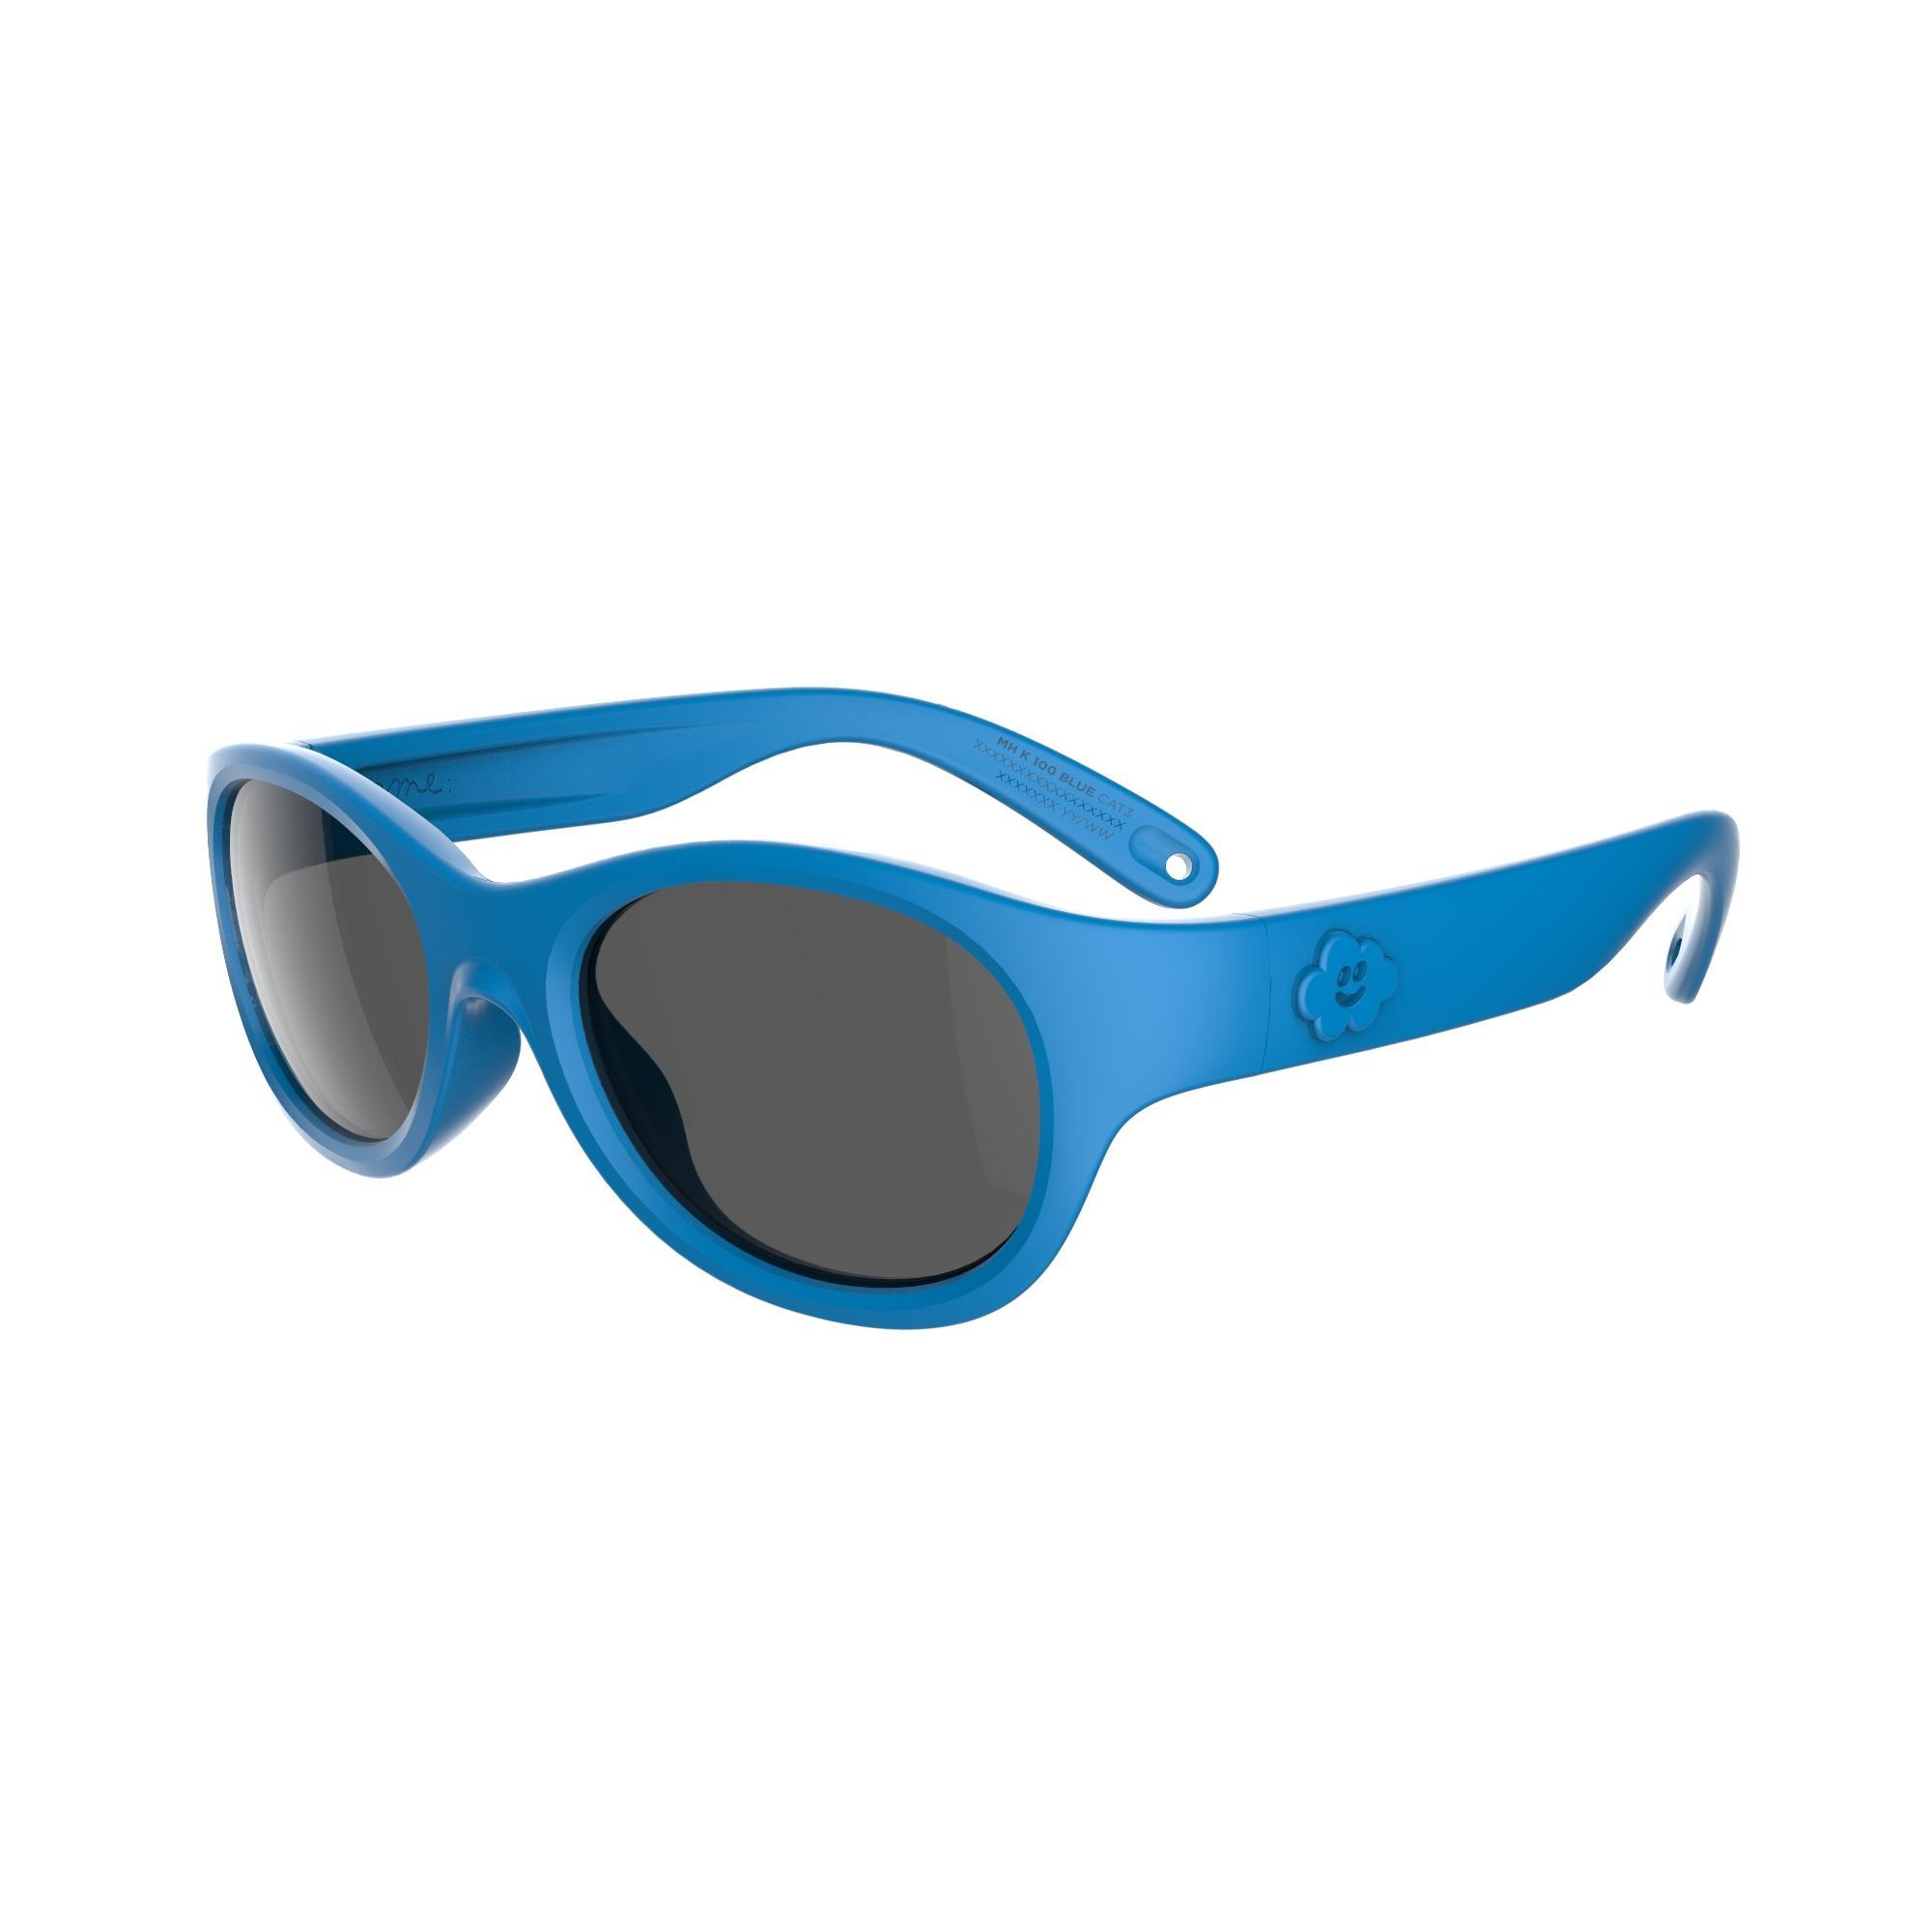 Gafas de sol de senderismo niños 2-4 años MH K 100 azul categoría 3